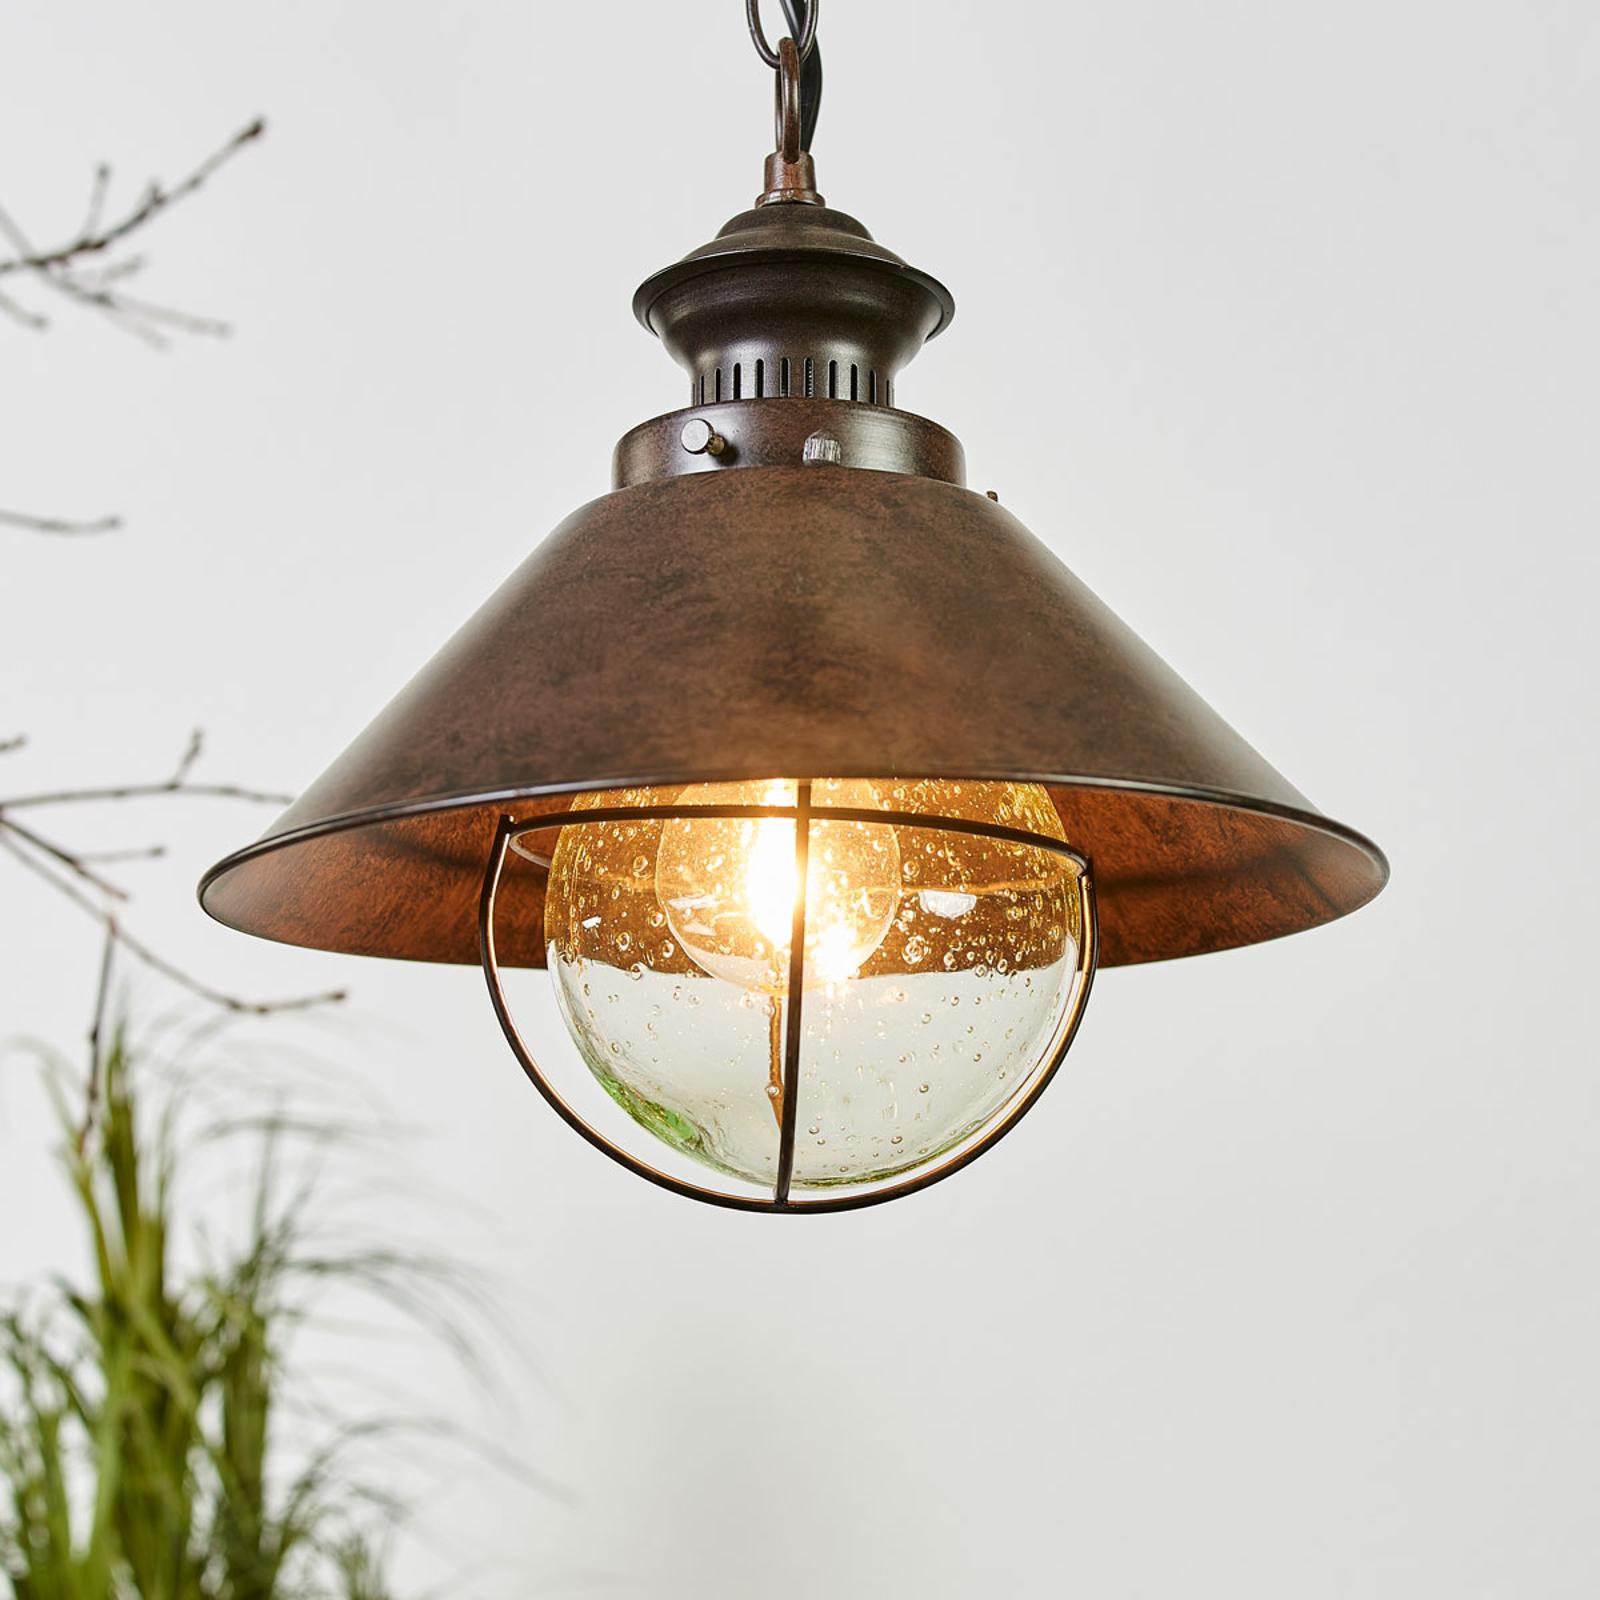 Hanglamp Nautica in antieke look, 26 cm